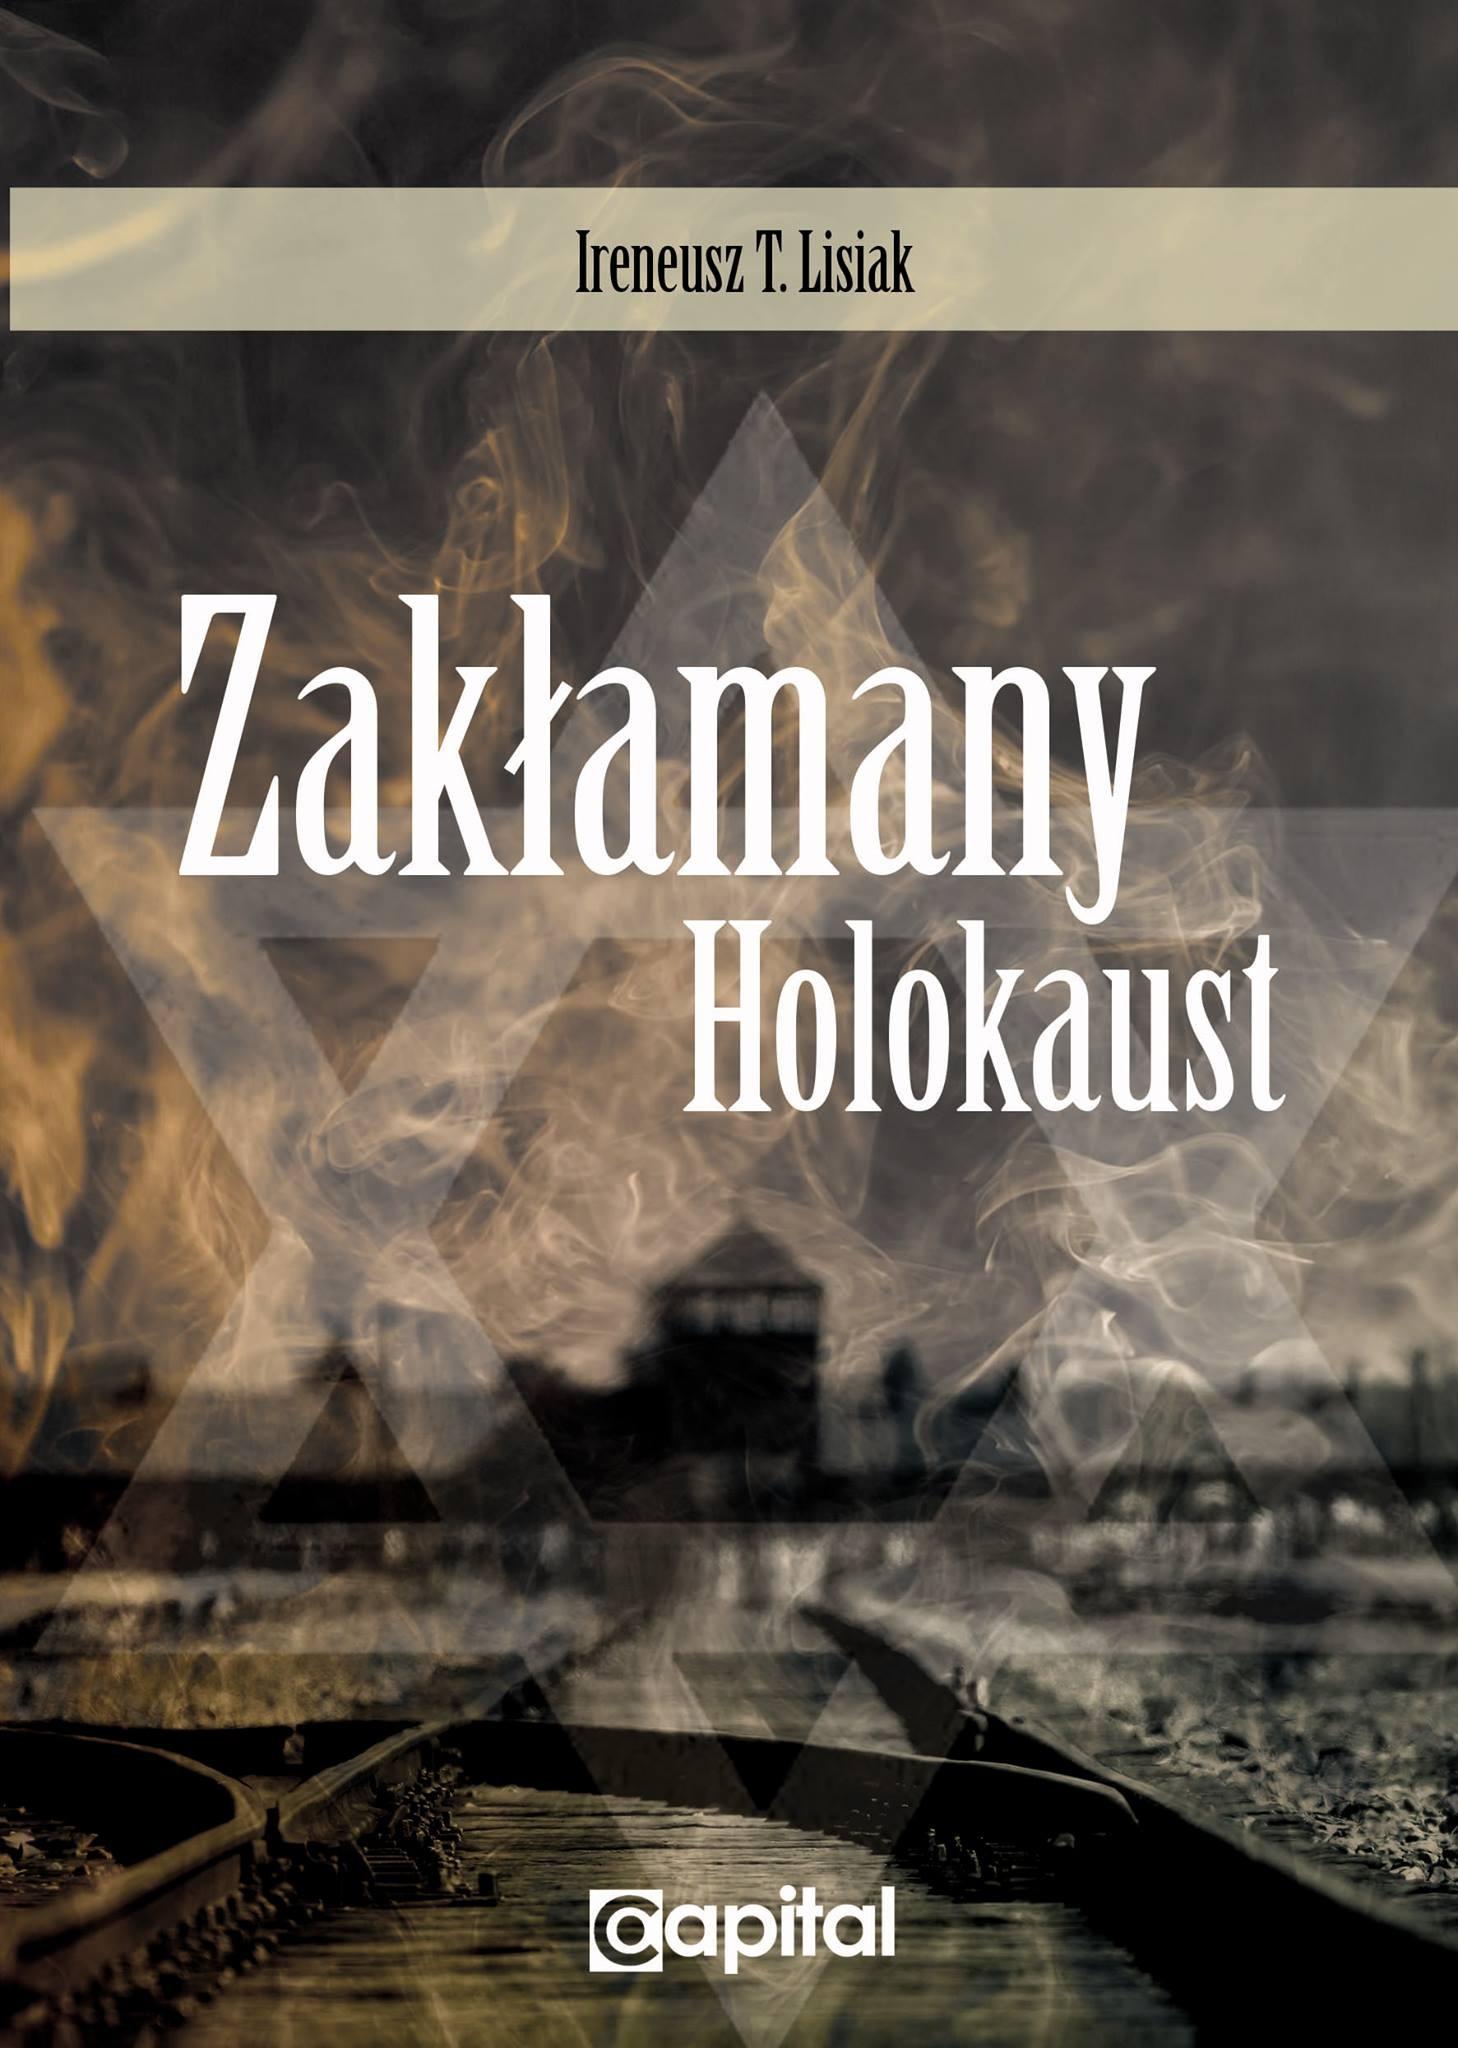 Zakłamany Holokaust (I.T.Lisiak)